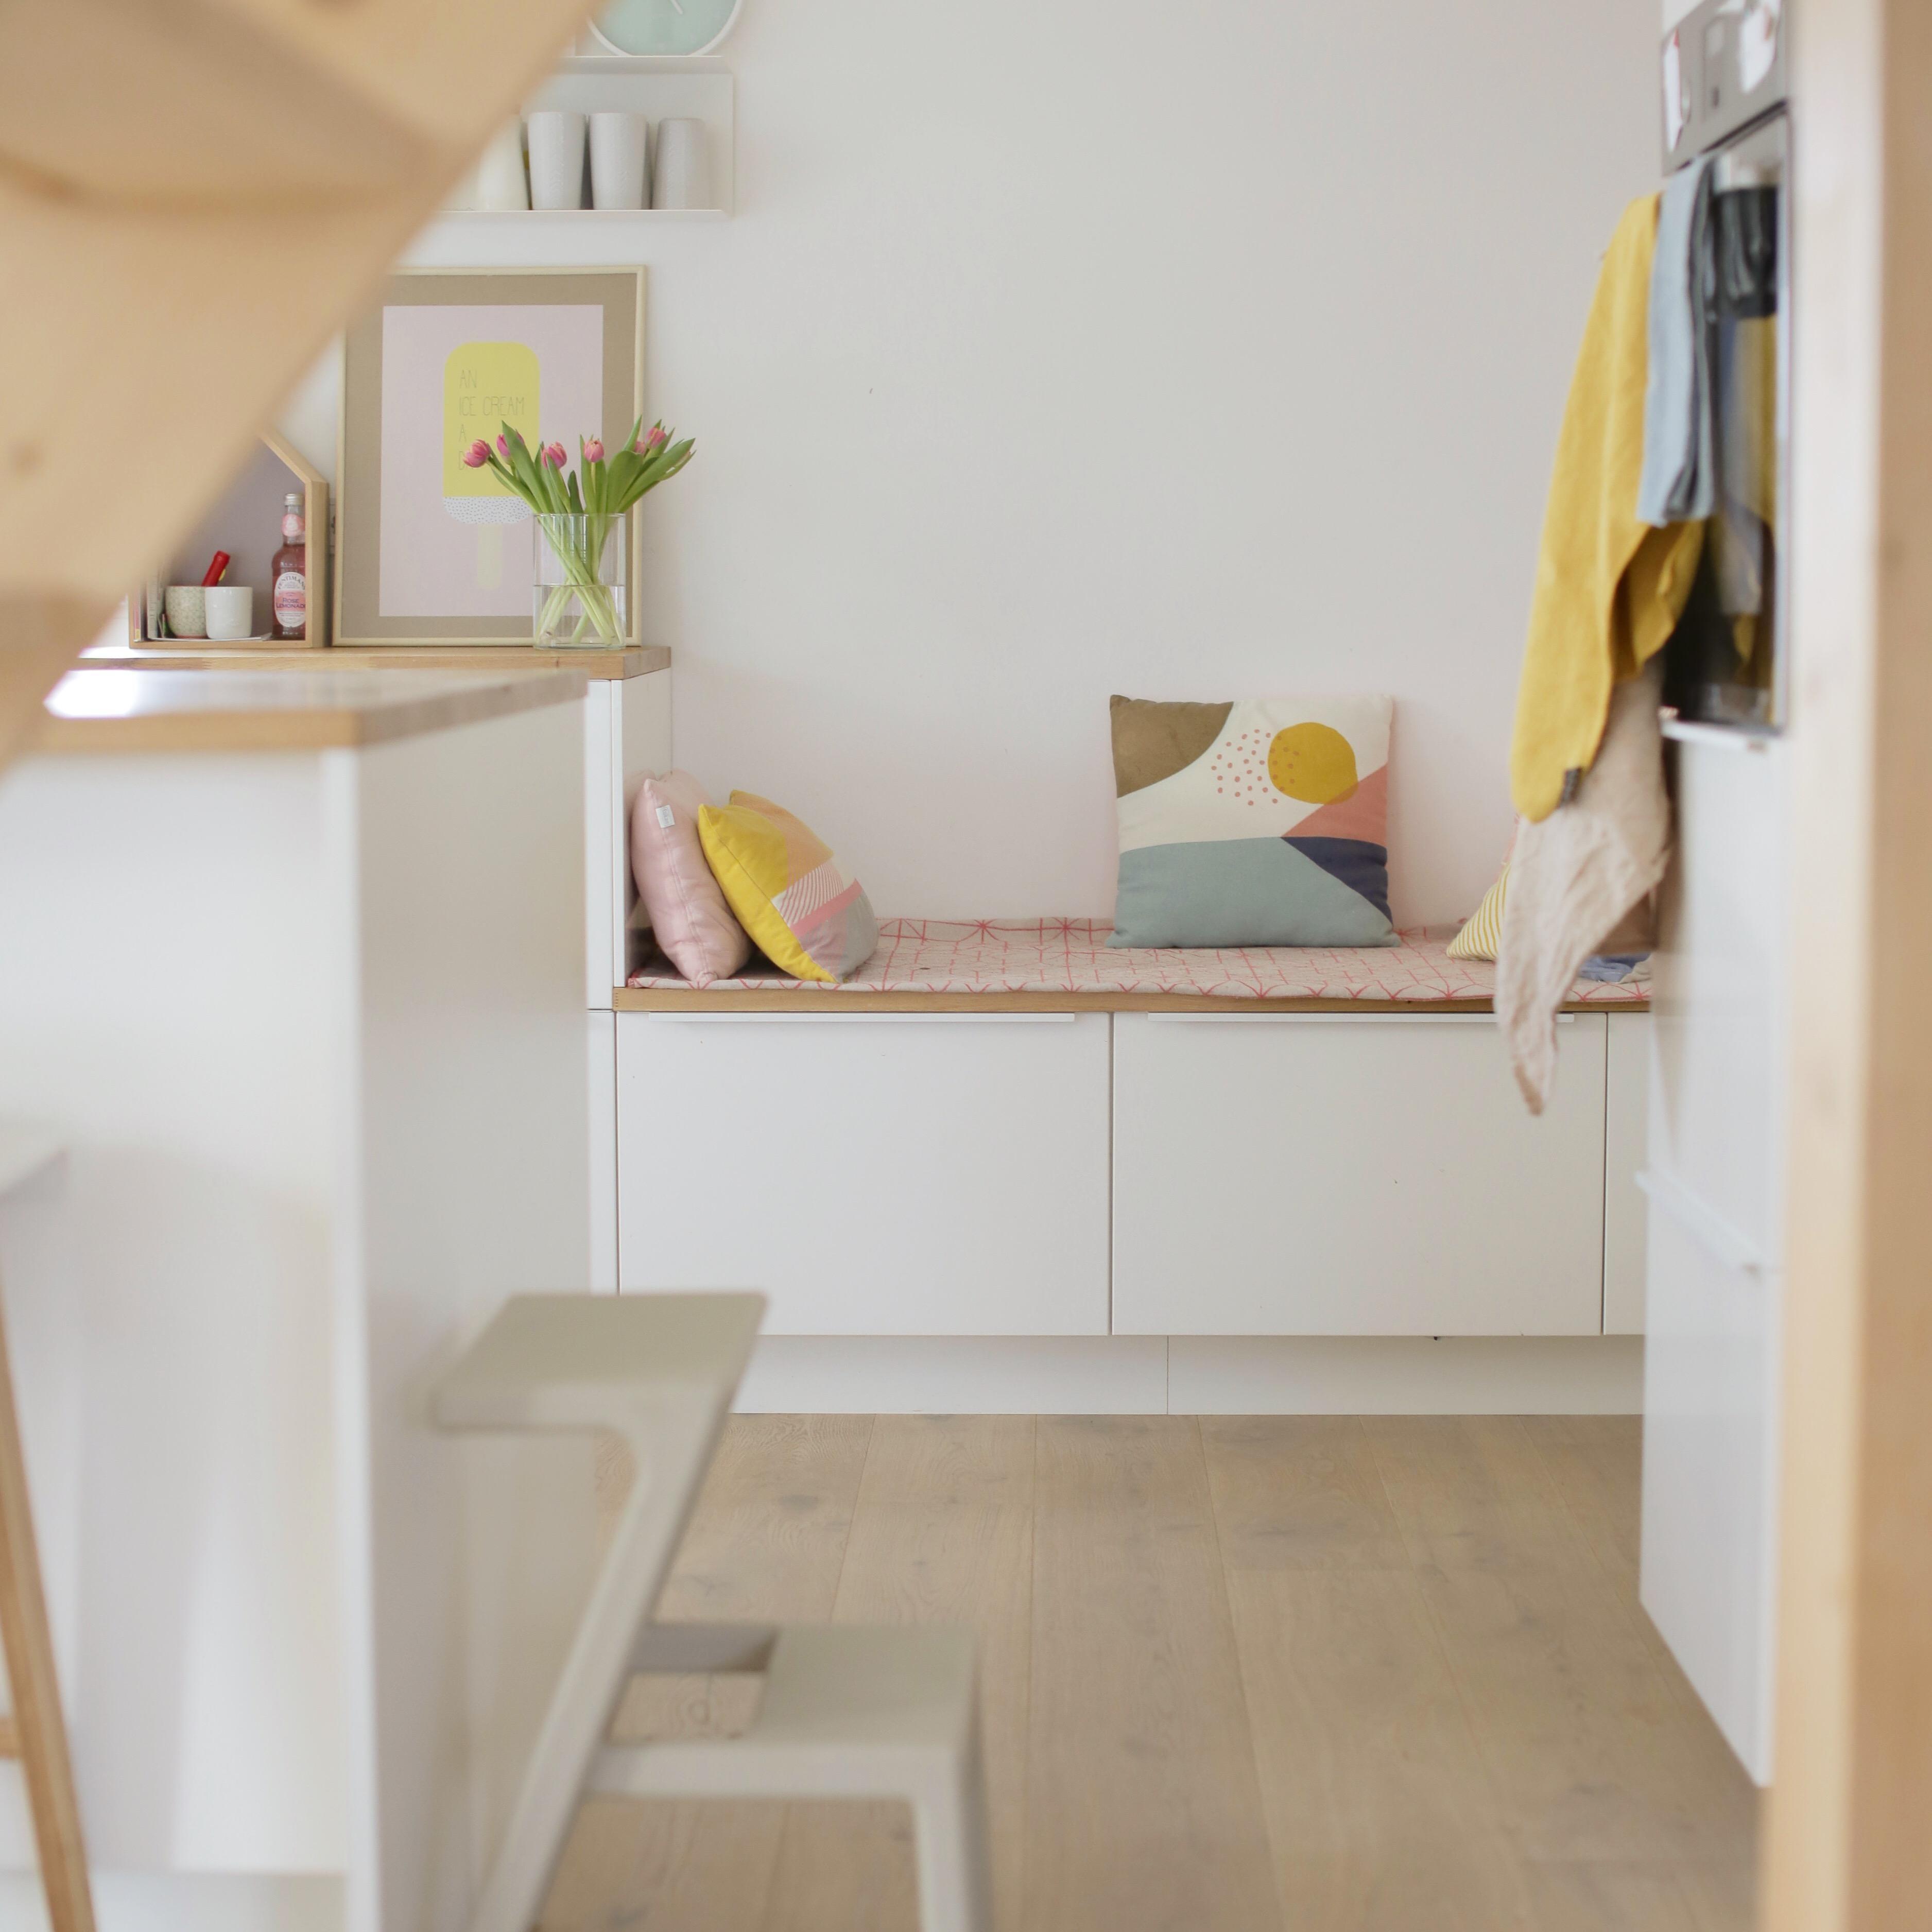 Küchenbank • Bilder & Ideen • COUCH